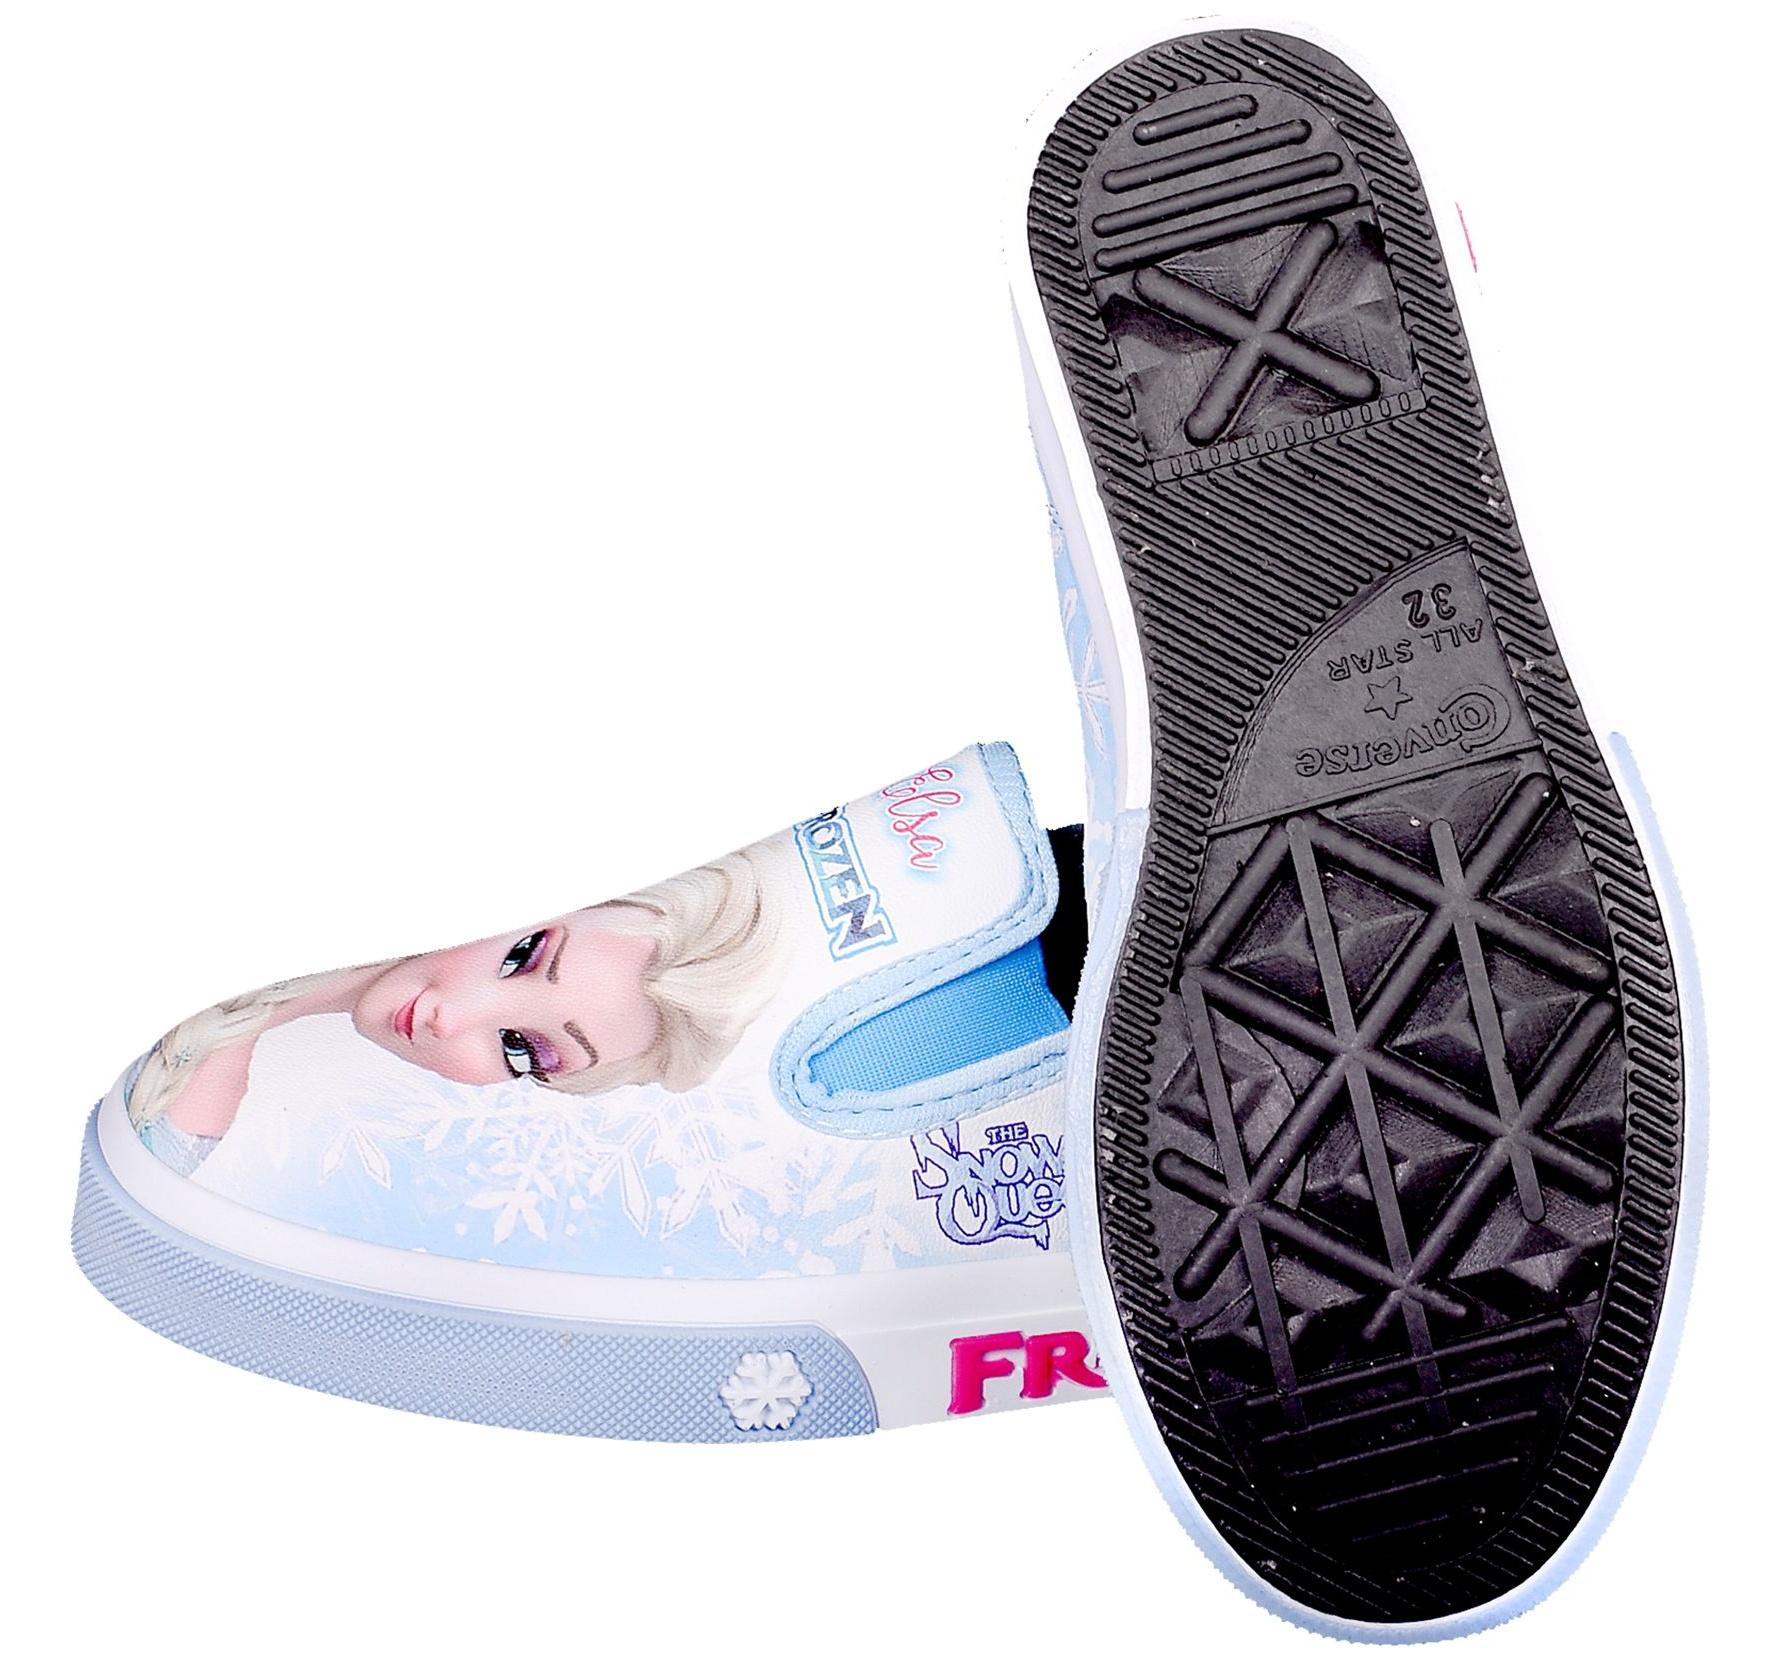 کفش دخترانه رشد شوز طرح فروزن کد 3-3453